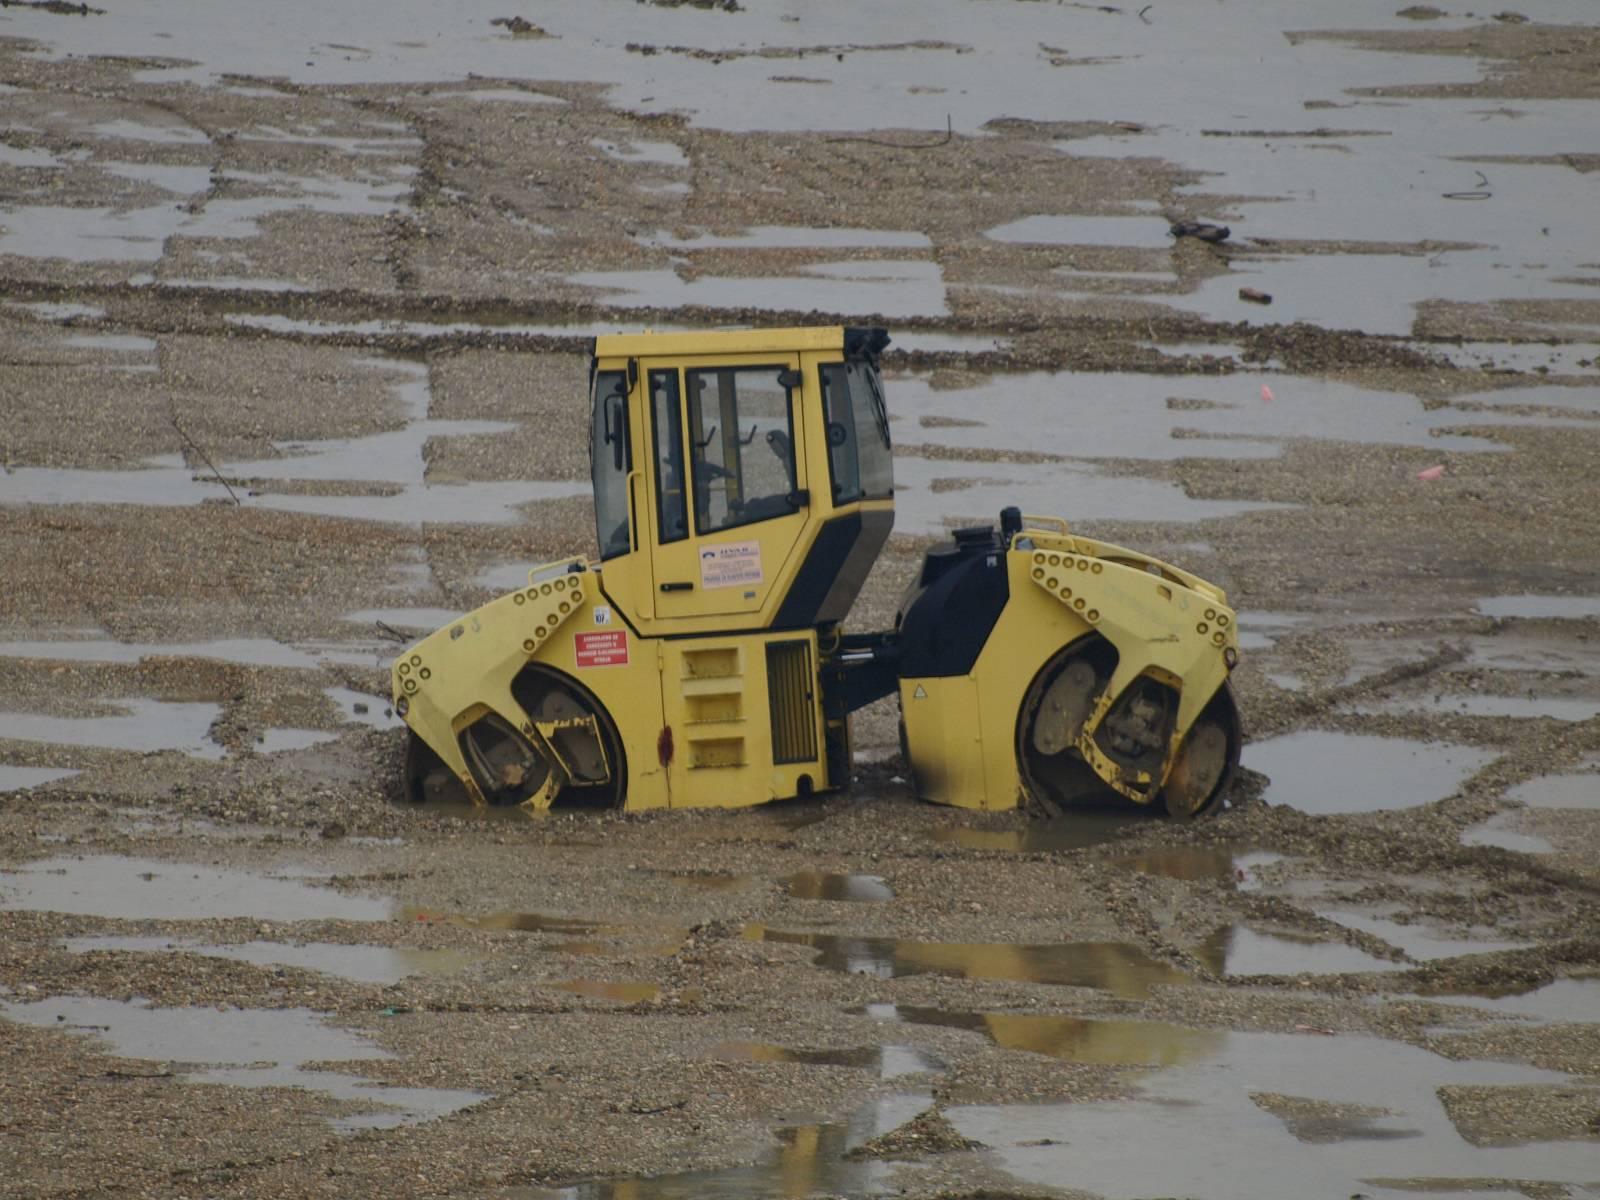 Sam na svijetu: Valjak danima stoji u blatu i tone u zemlju...